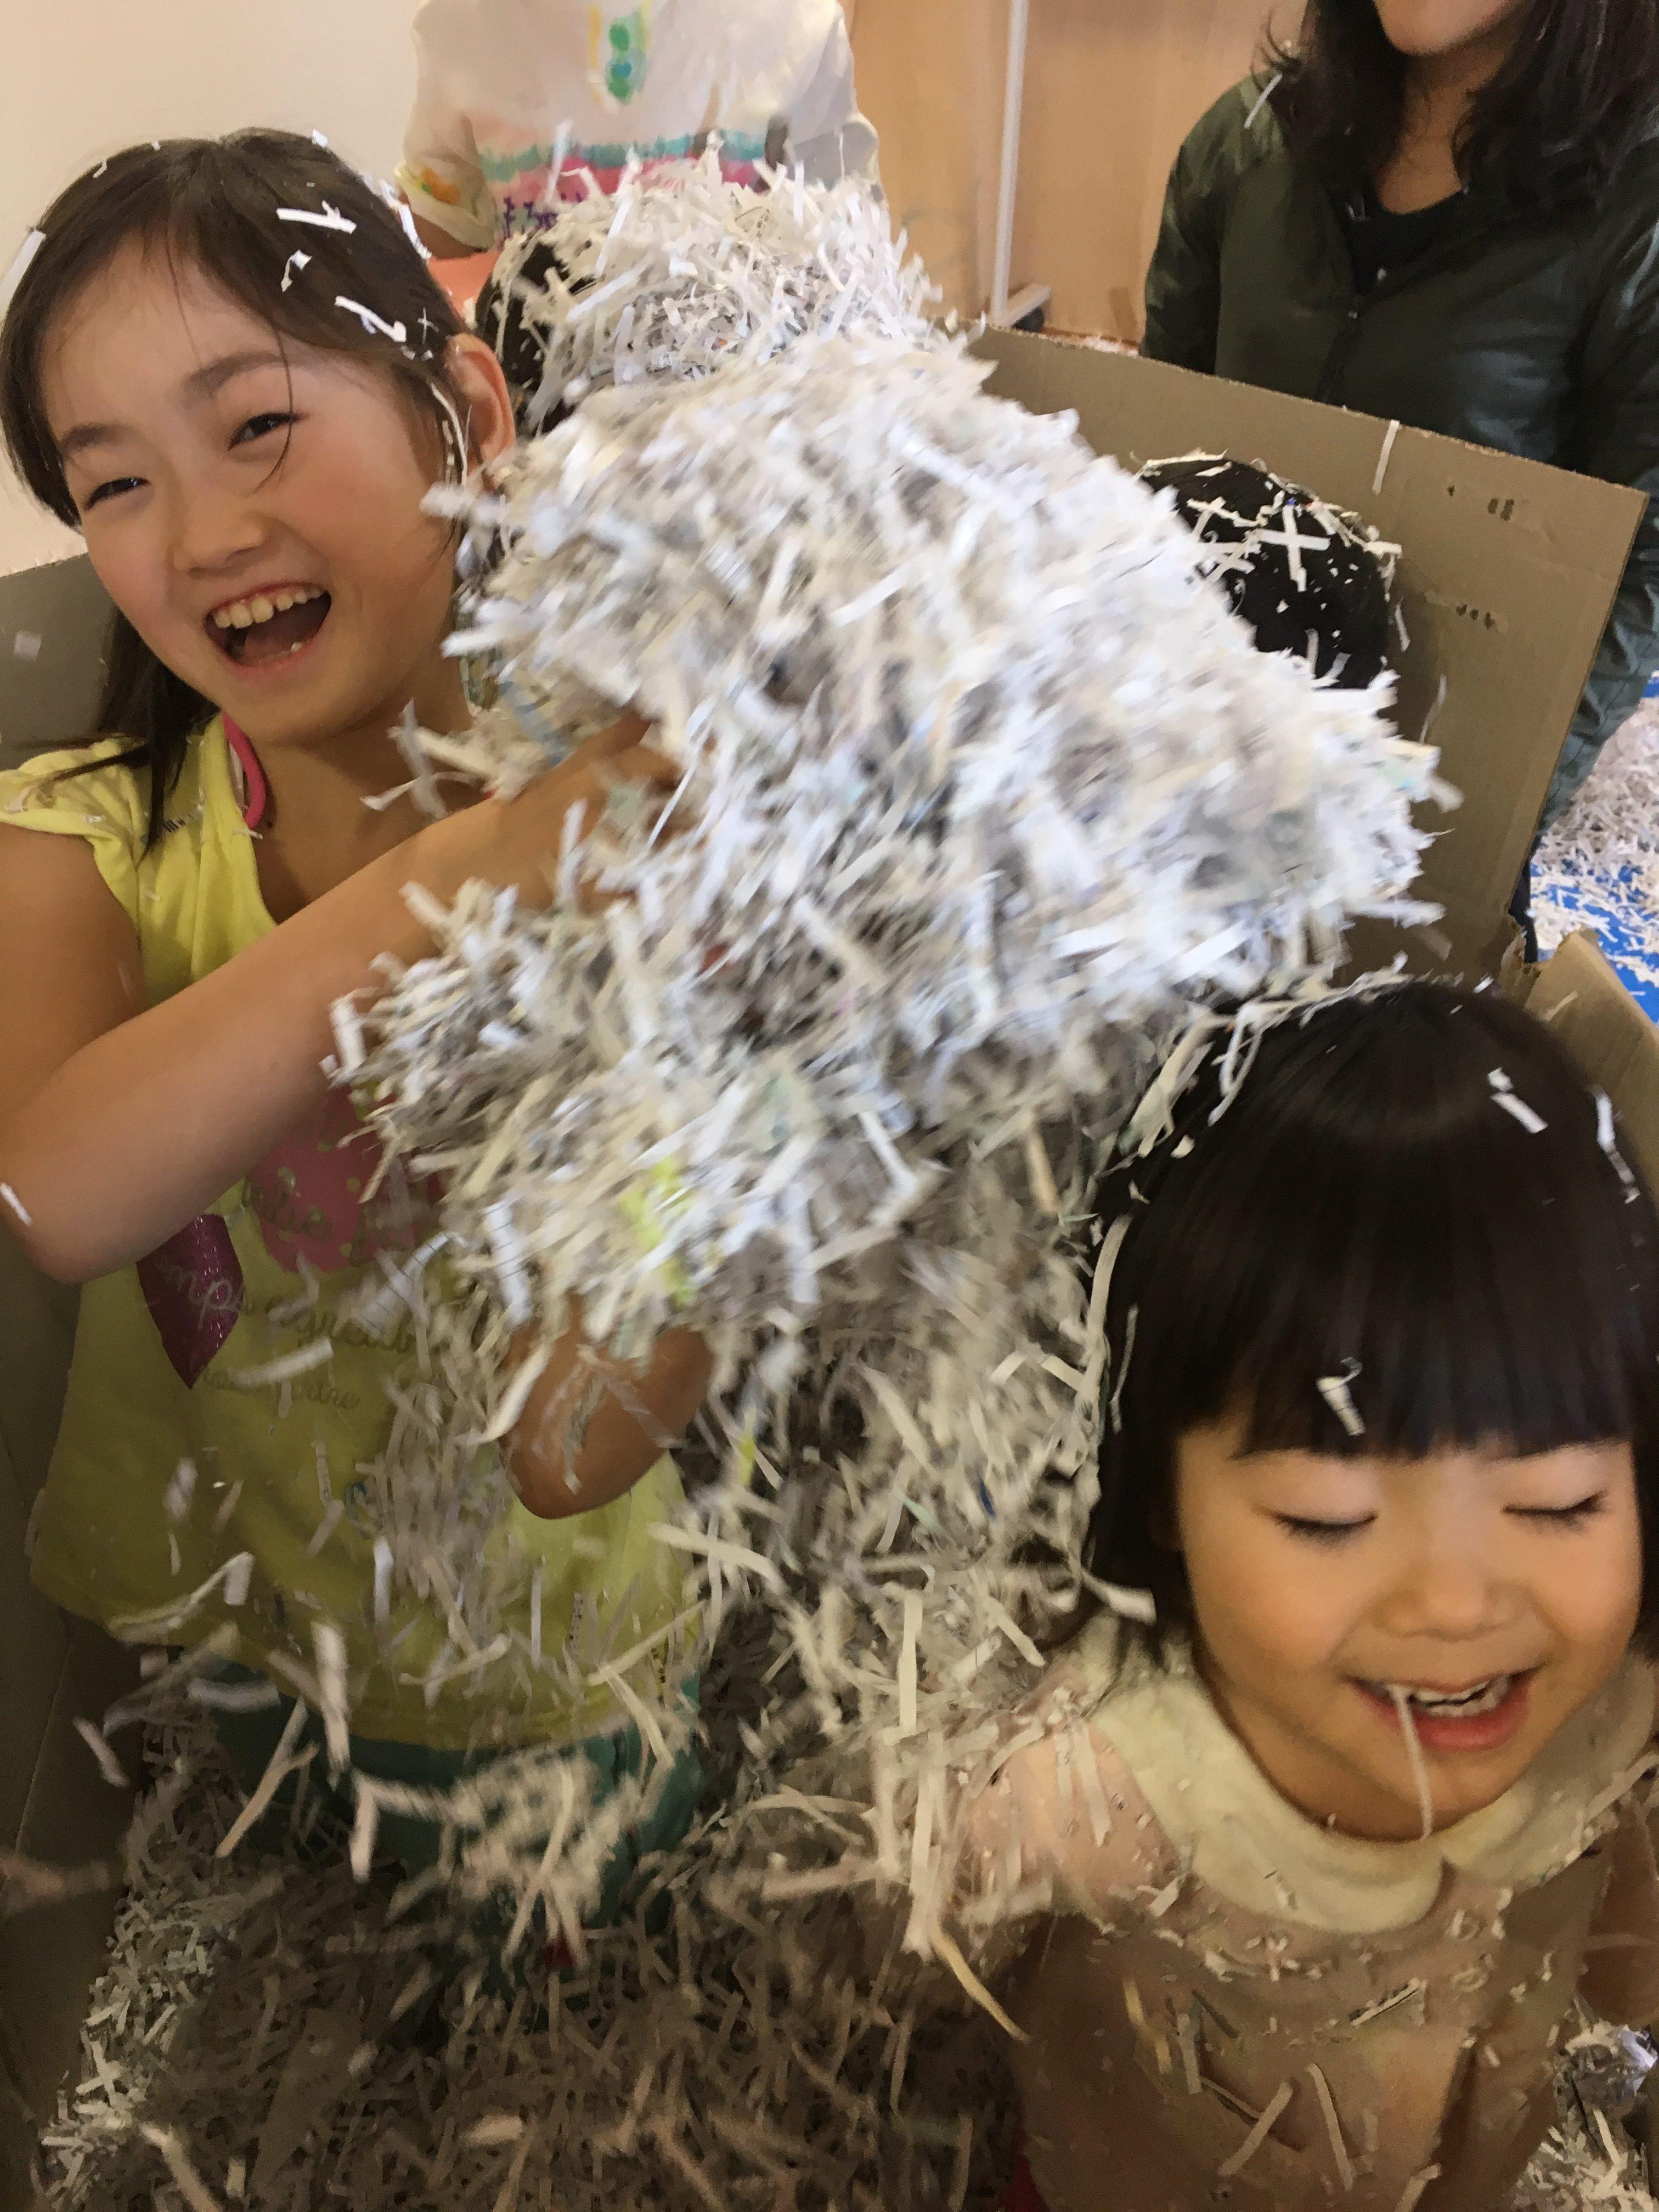 子どものアートセラピー教室でシュレッダーで裁断した紙で遊ぶ子どもたちの様子